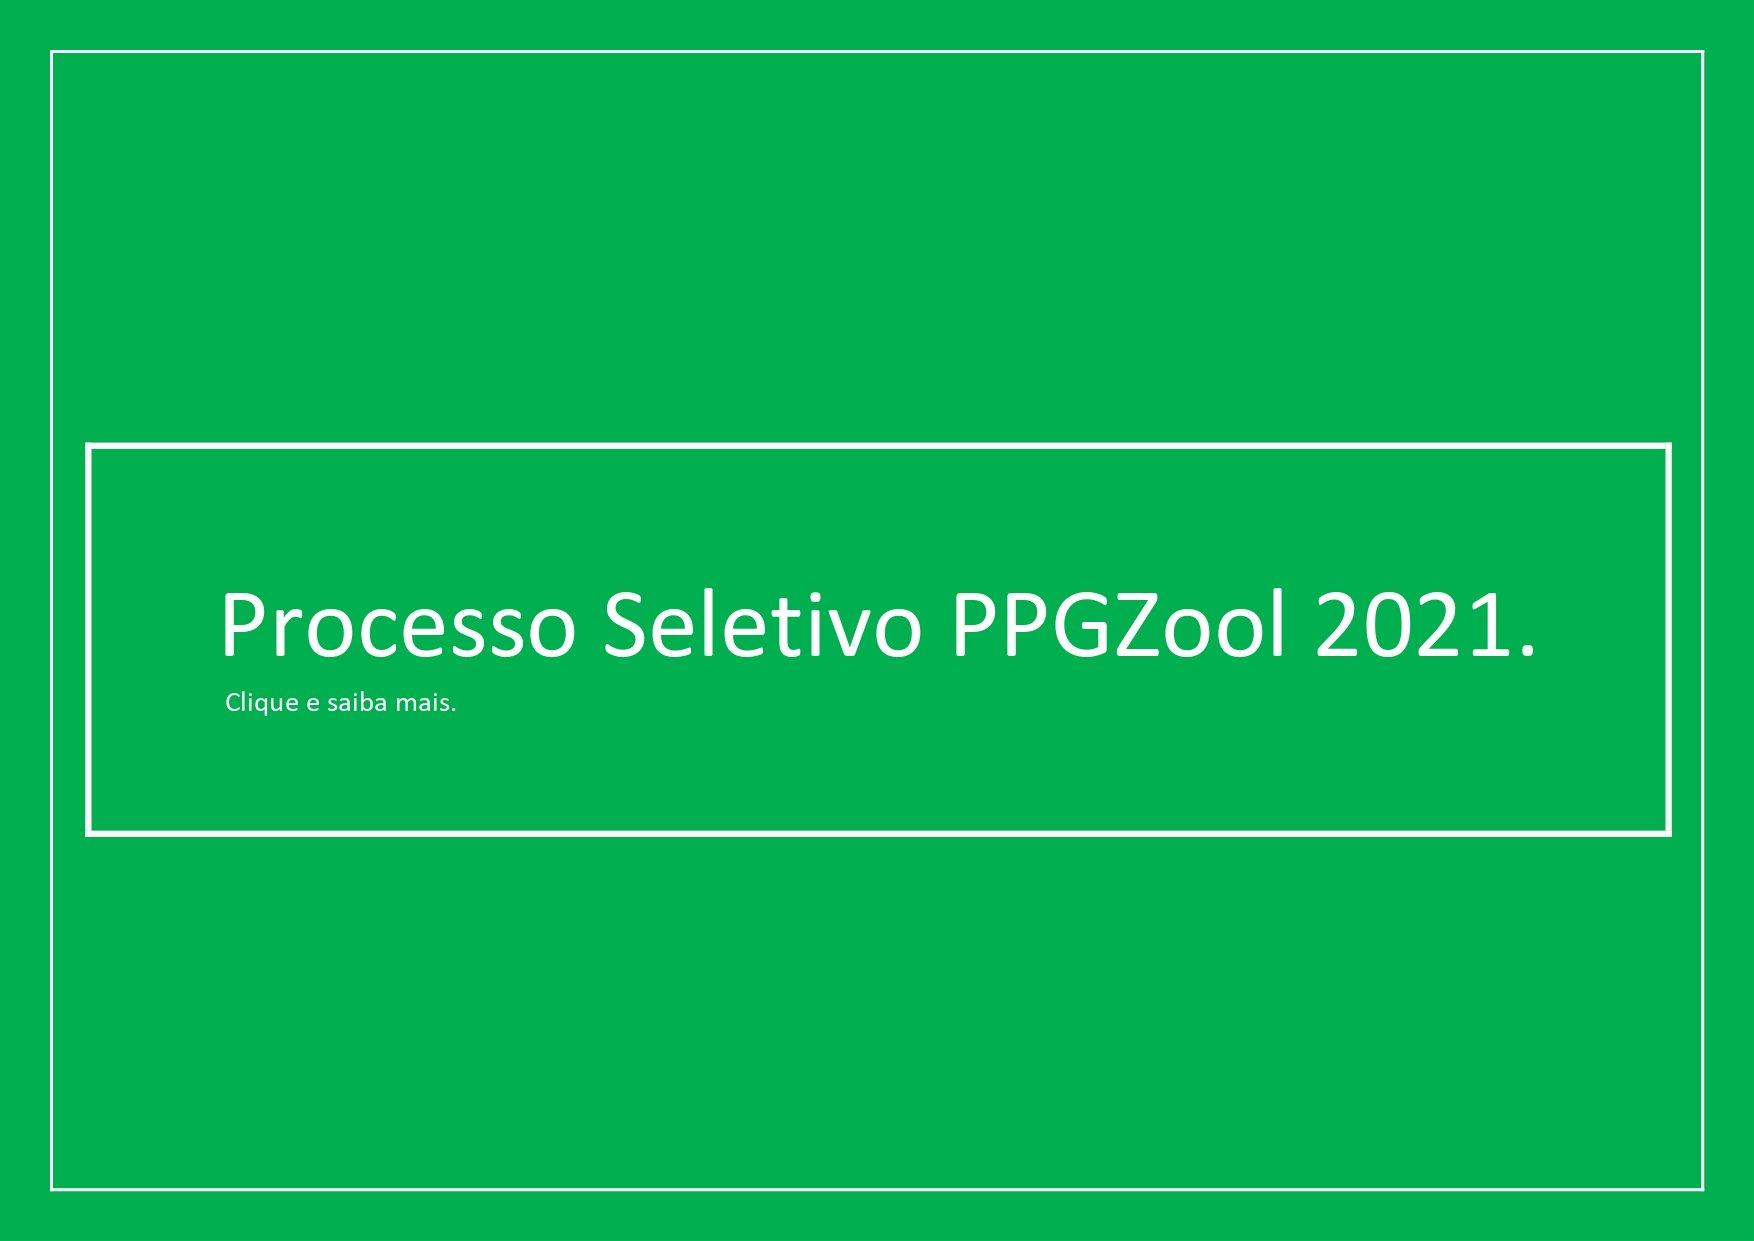 O PPGZool lança Edital para Processo Seletivo ingresso 2021.